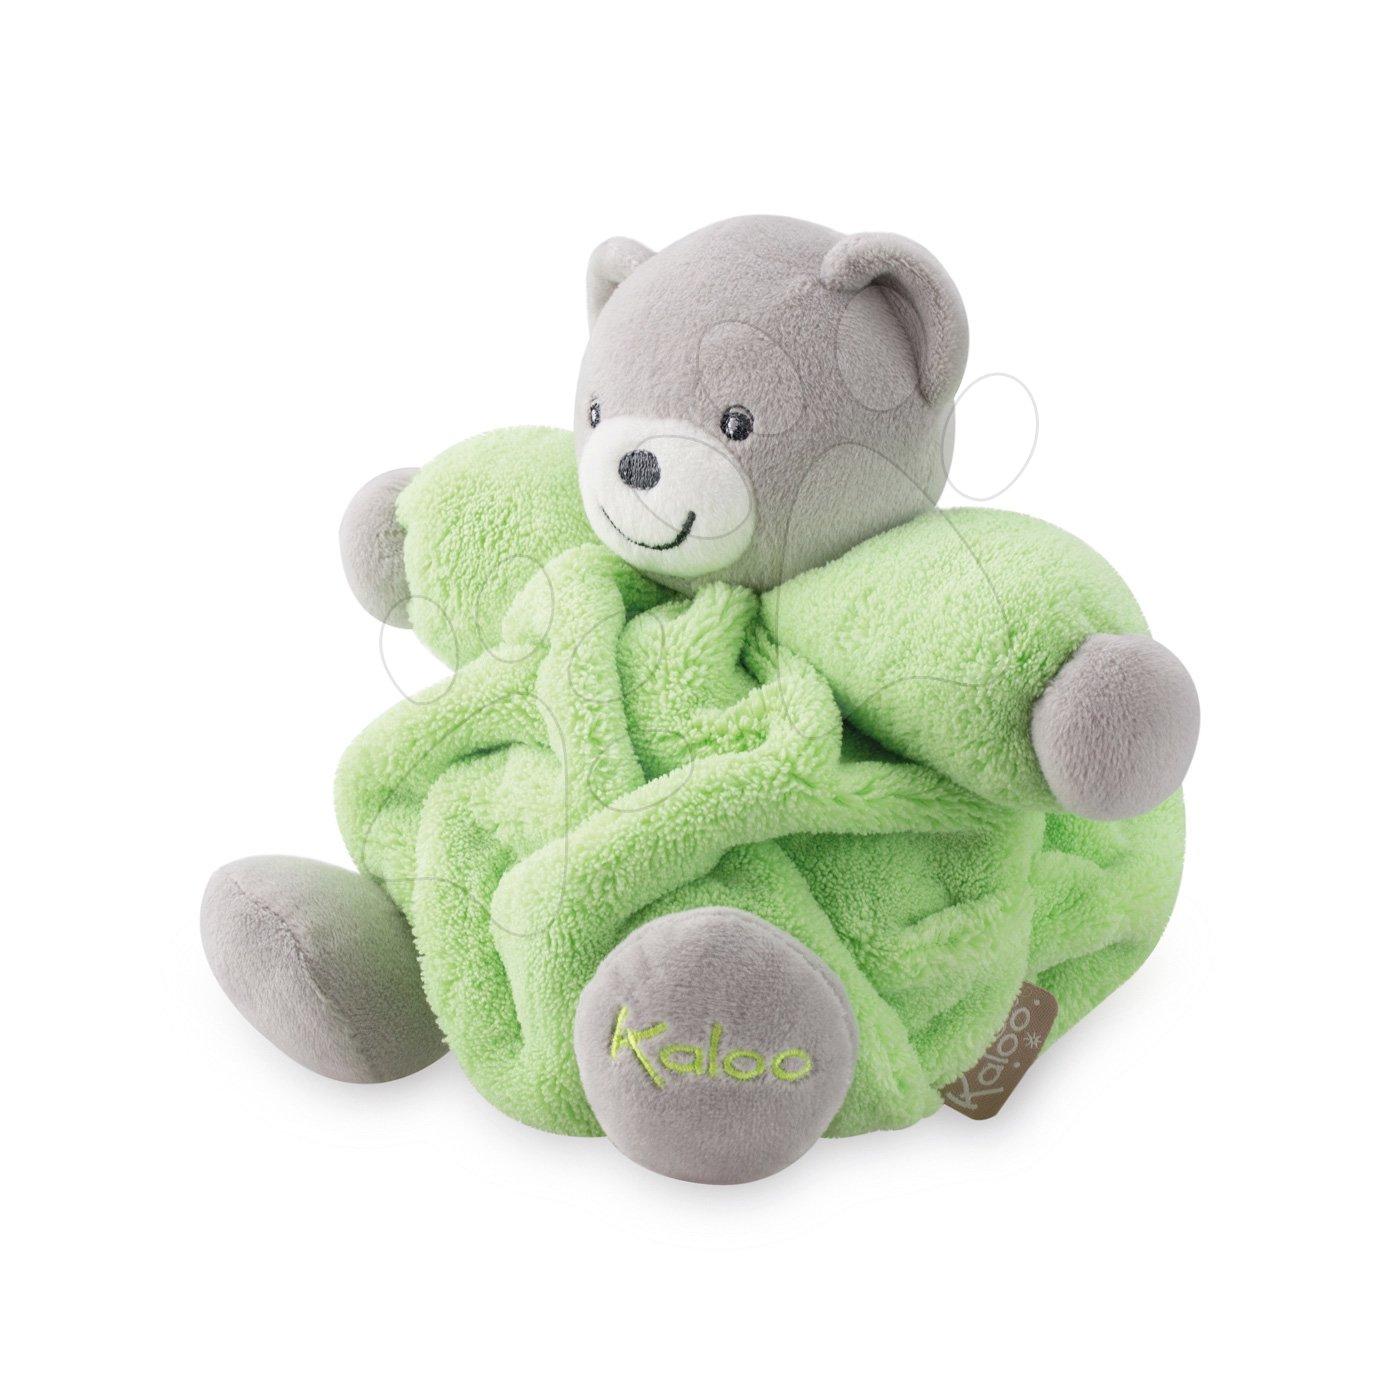 Plyšový medvěd Chubby Neon Kaloo 18 cm v dárkovém balení pro nejmenší zelený